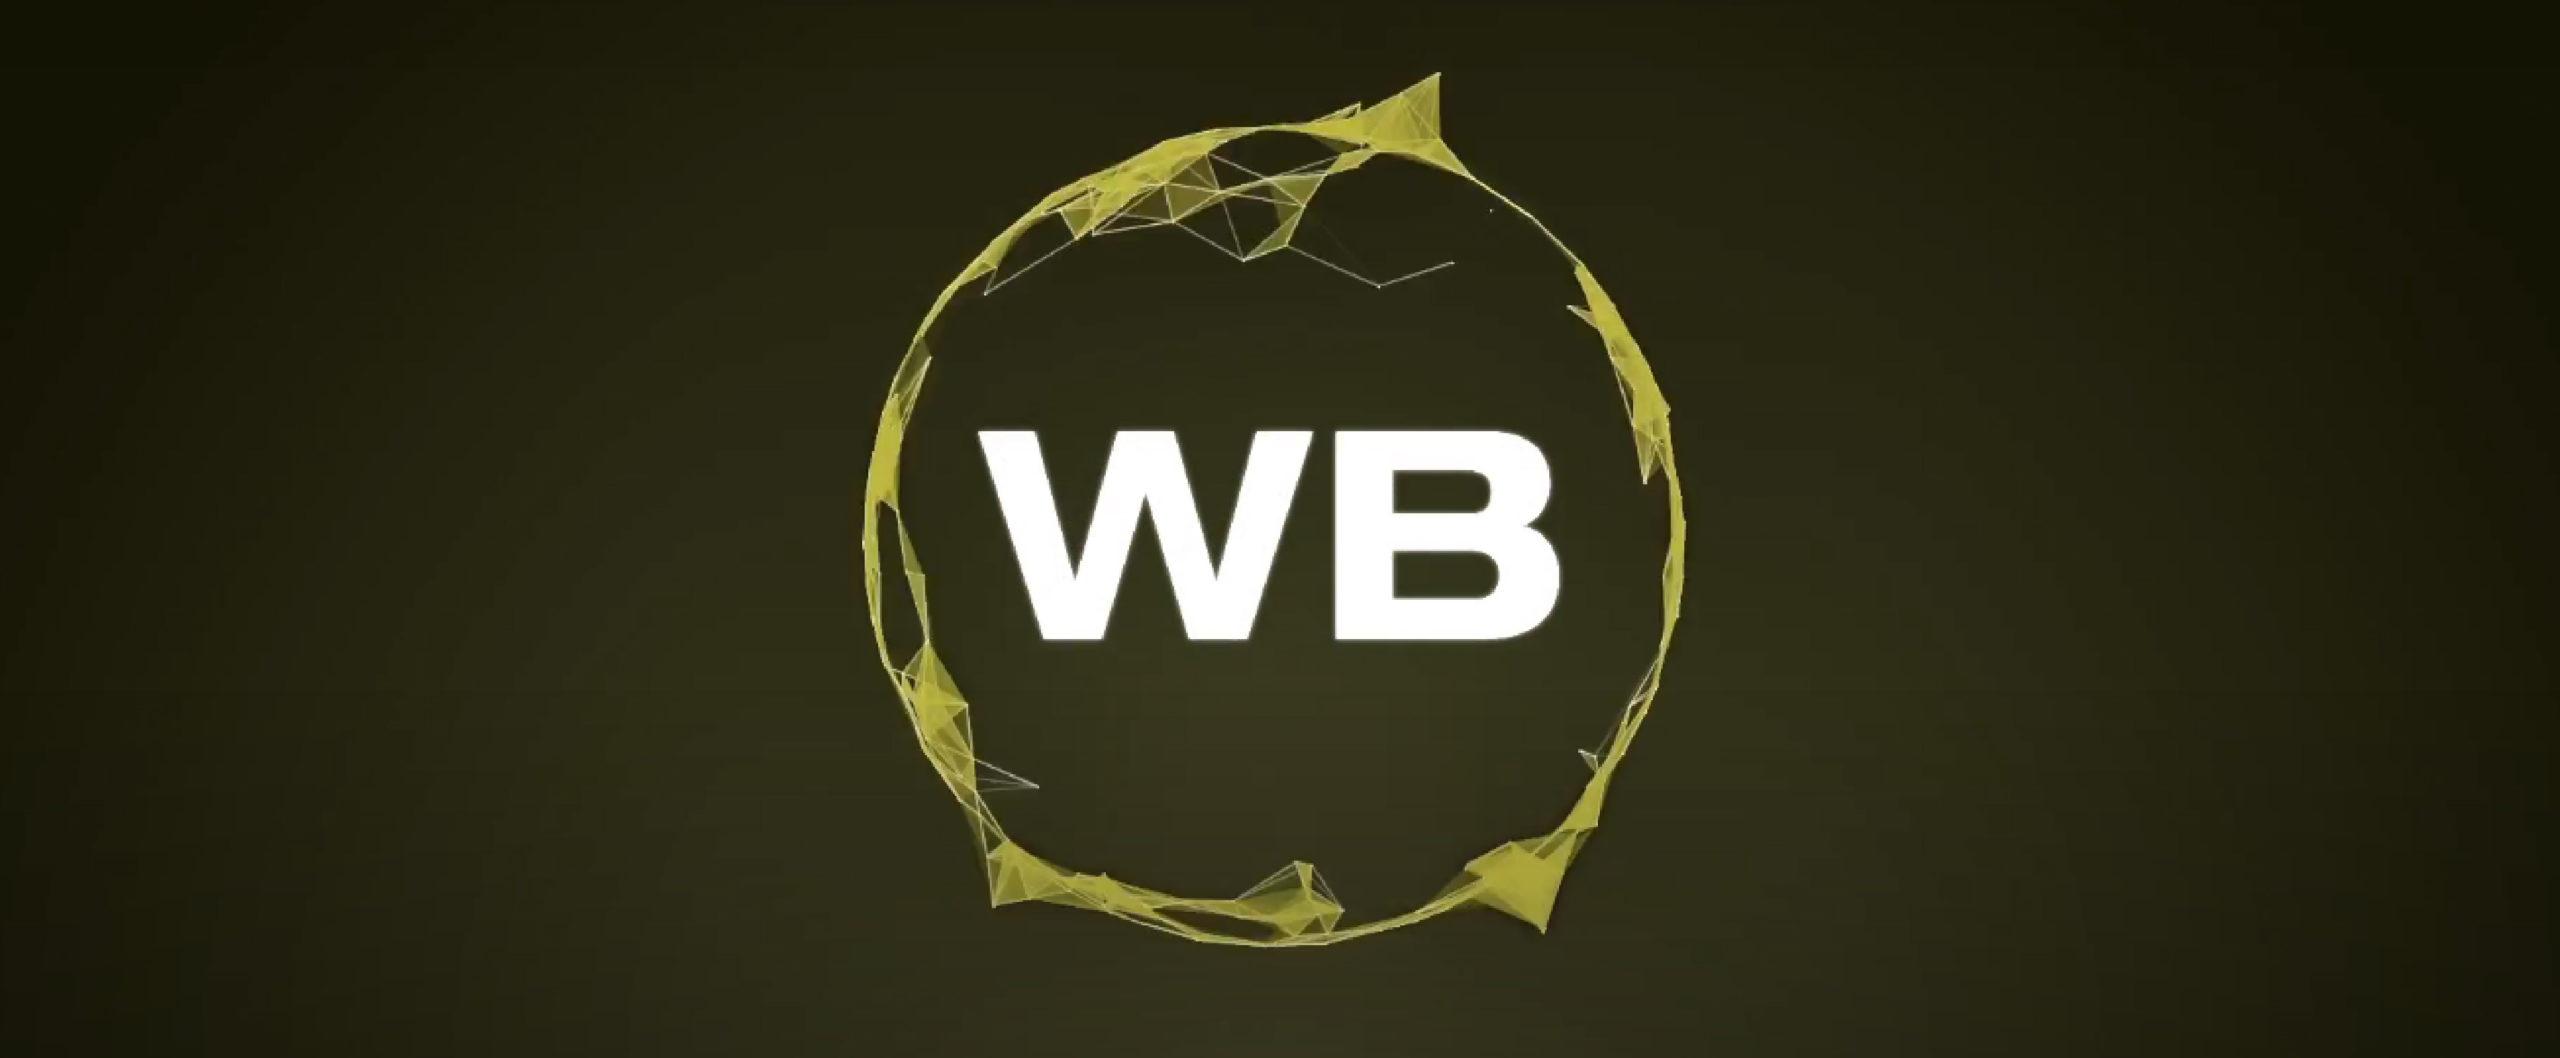 Especialidad en Diseño y gestión de sitios web